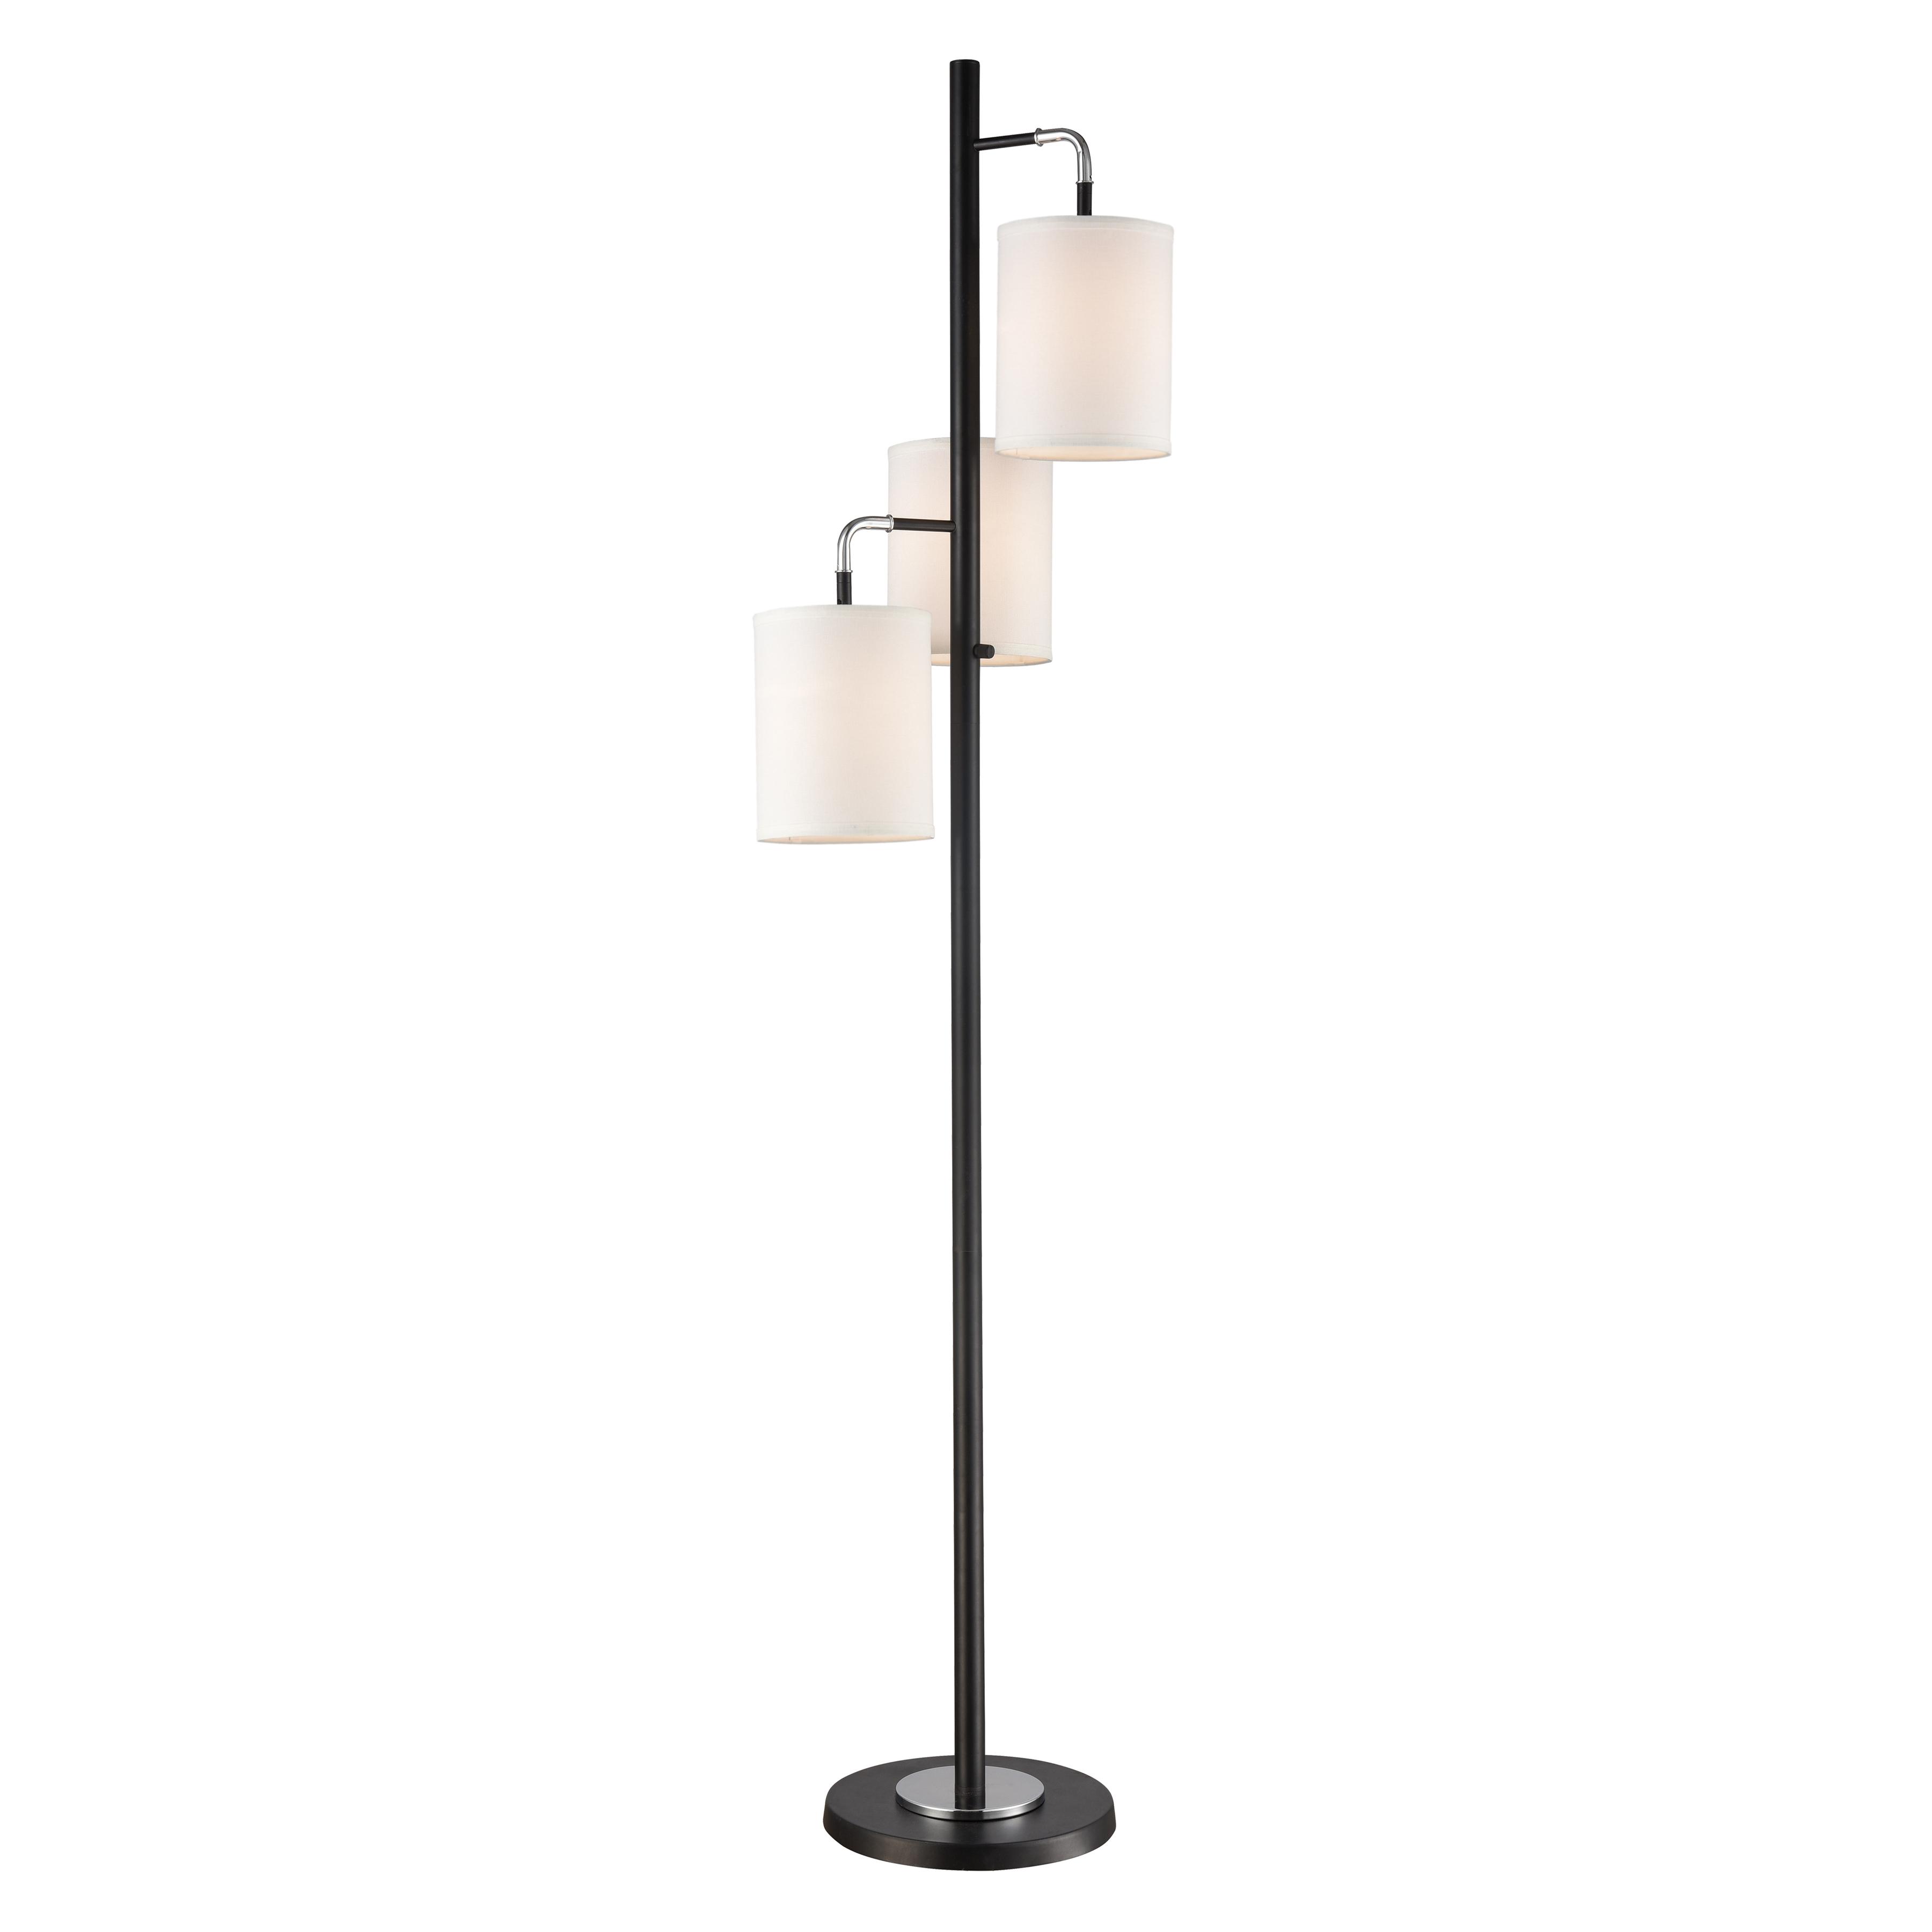 Stein World Uprising 3-Light Floor Lamp